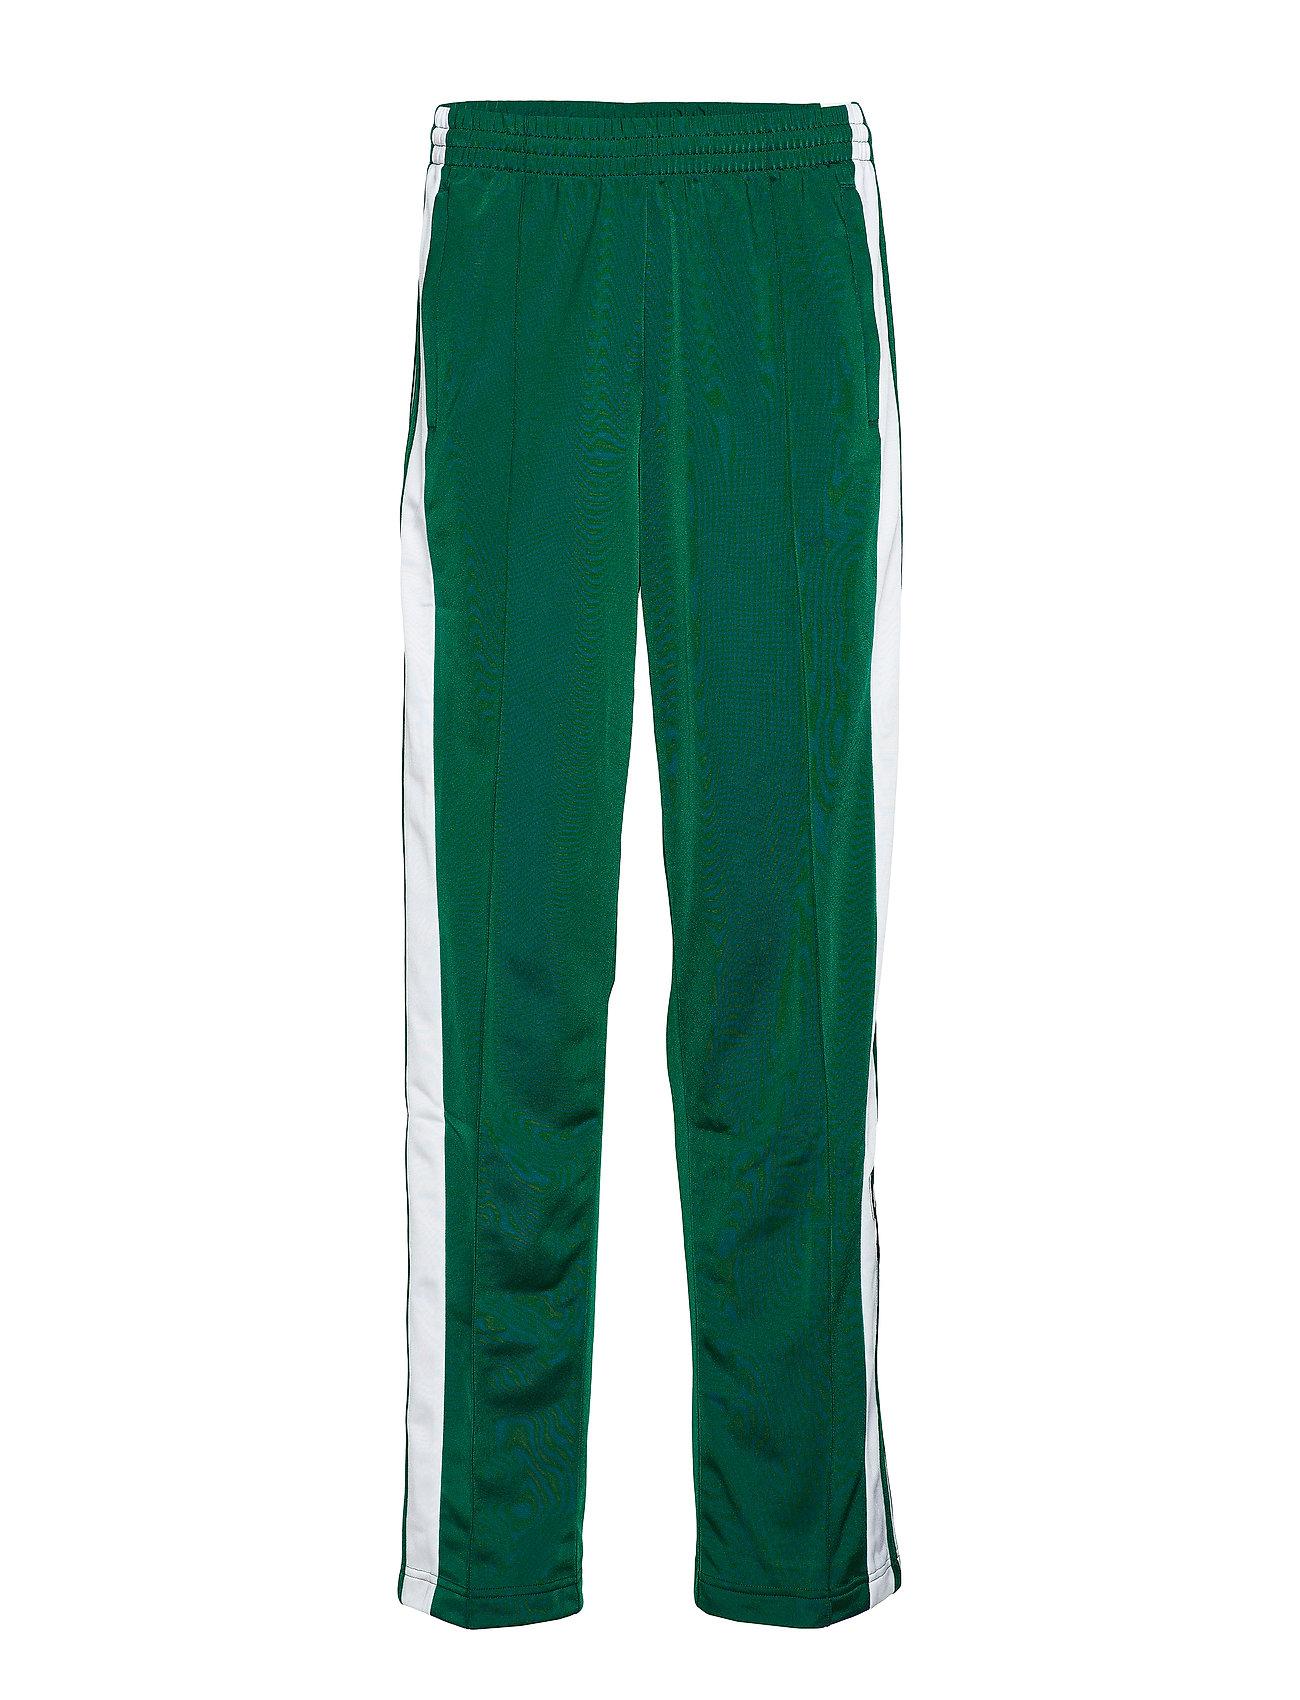 Adidas Originals ADIBREAK PANT Sweatpants